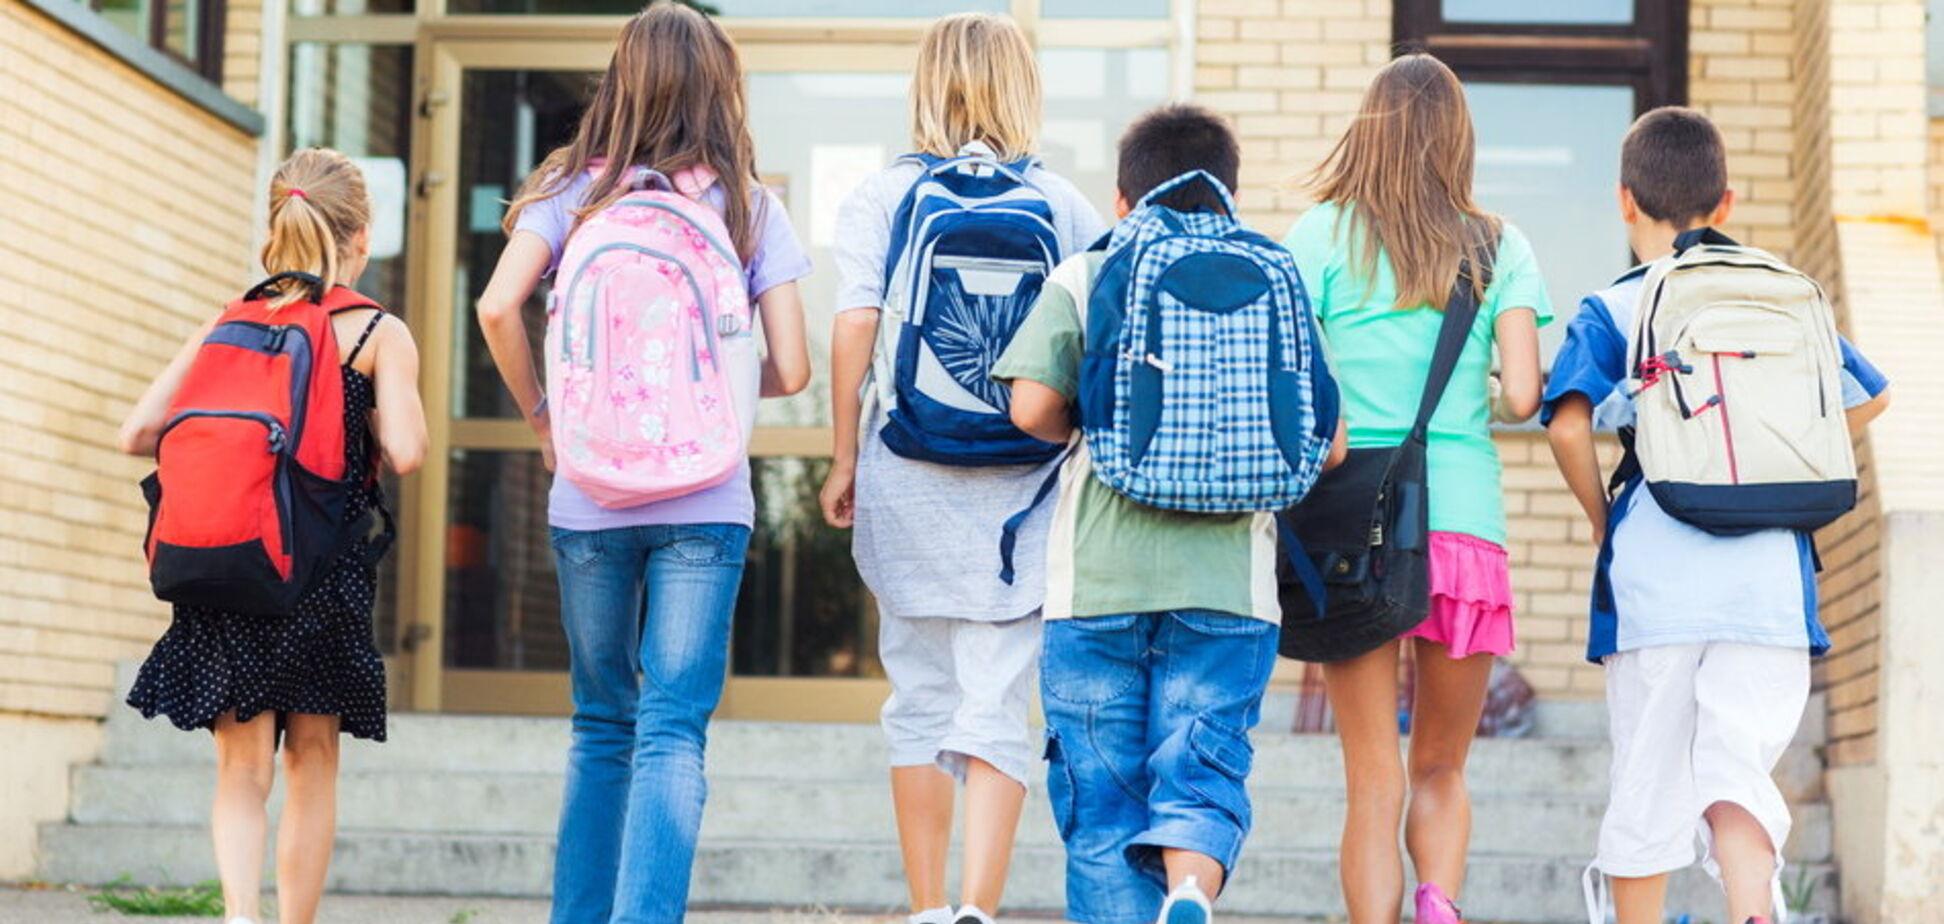 Попытка похищения школьников в Киеве: стали известны подробности